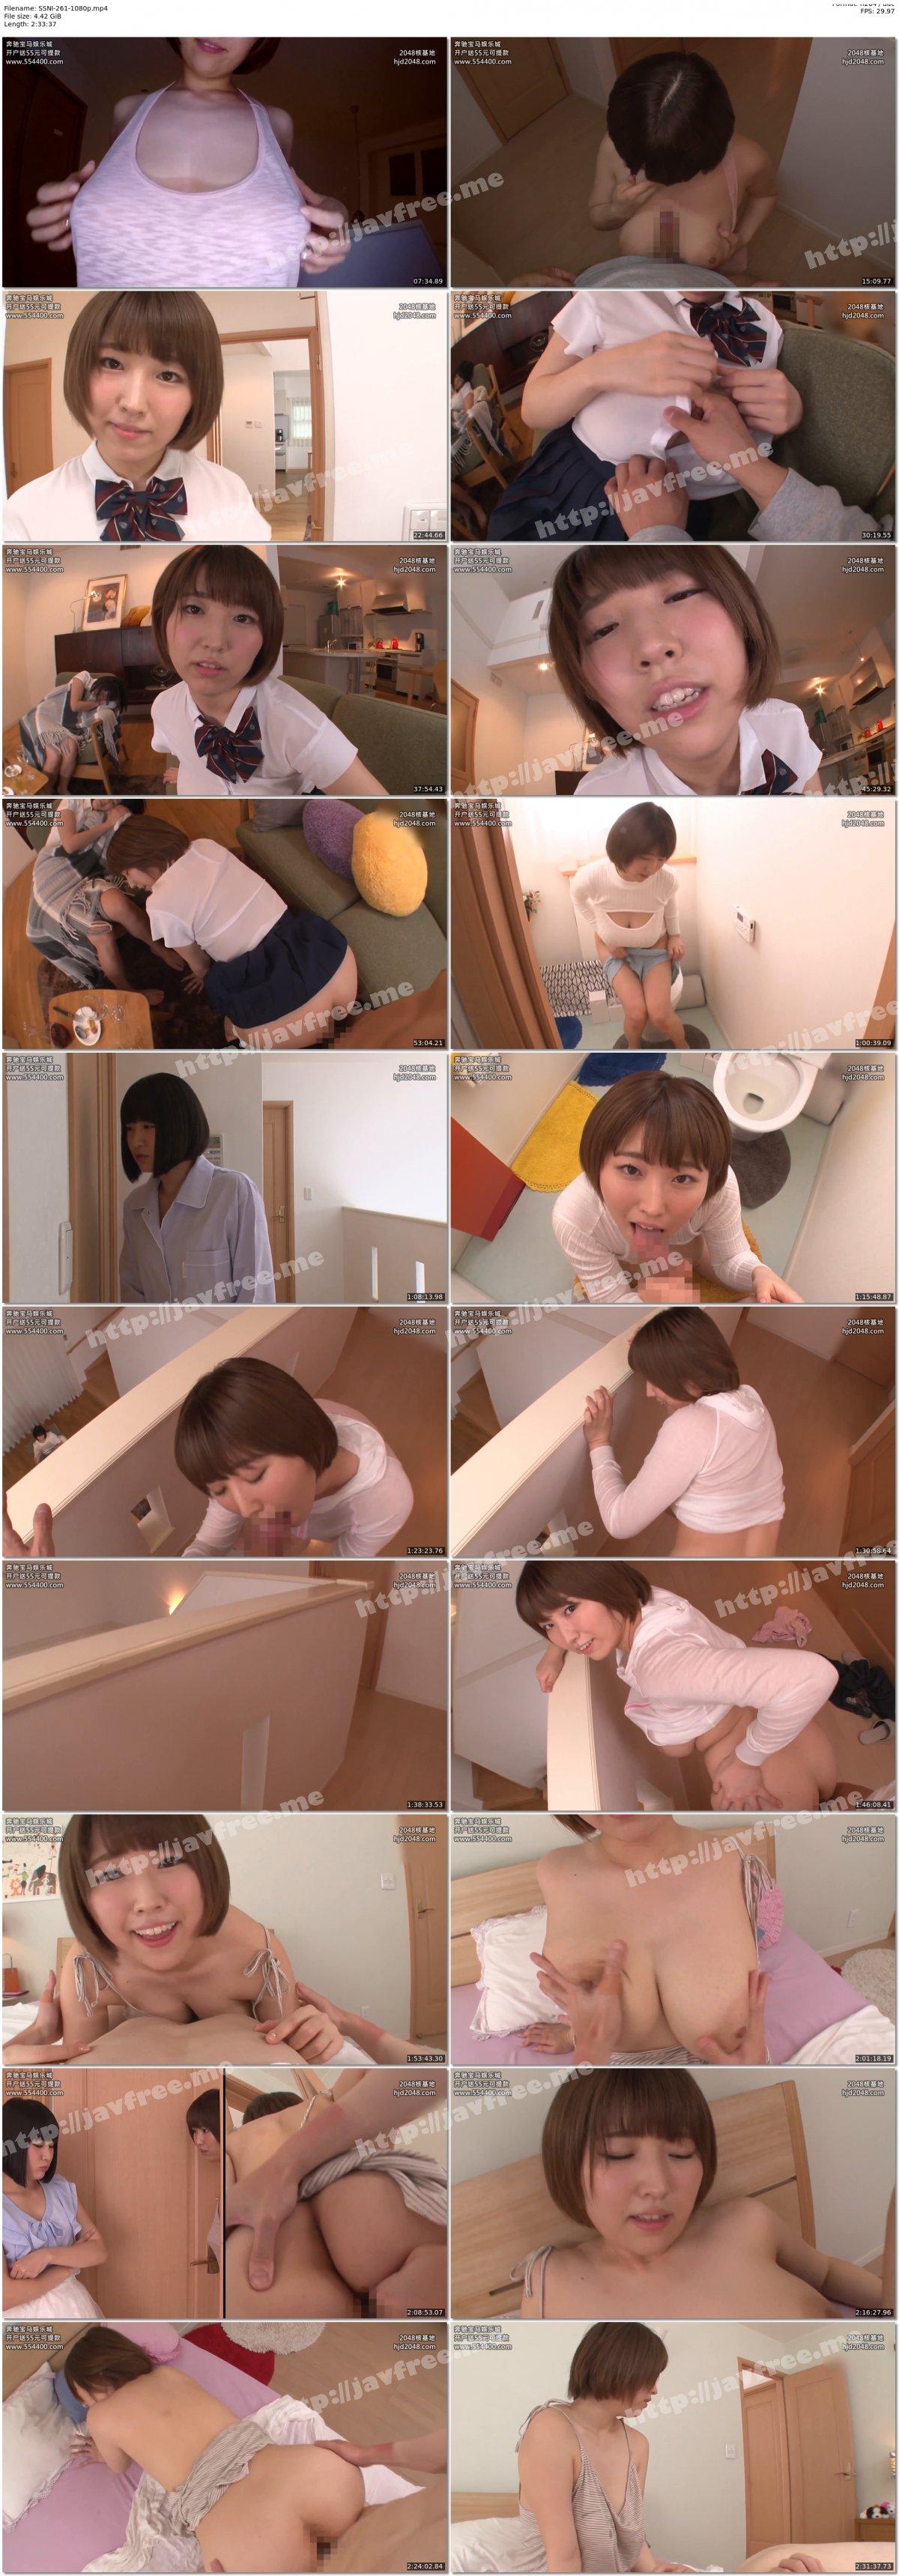 [HD][SSNI-261] ノーブラJカップおっぱいで全力アピールしてくる彼女の爆乳妹と、誘惑に負けちゃう最低な僕。 松本菜奈実 - image SSNI-261-1080p on https://javfree.me